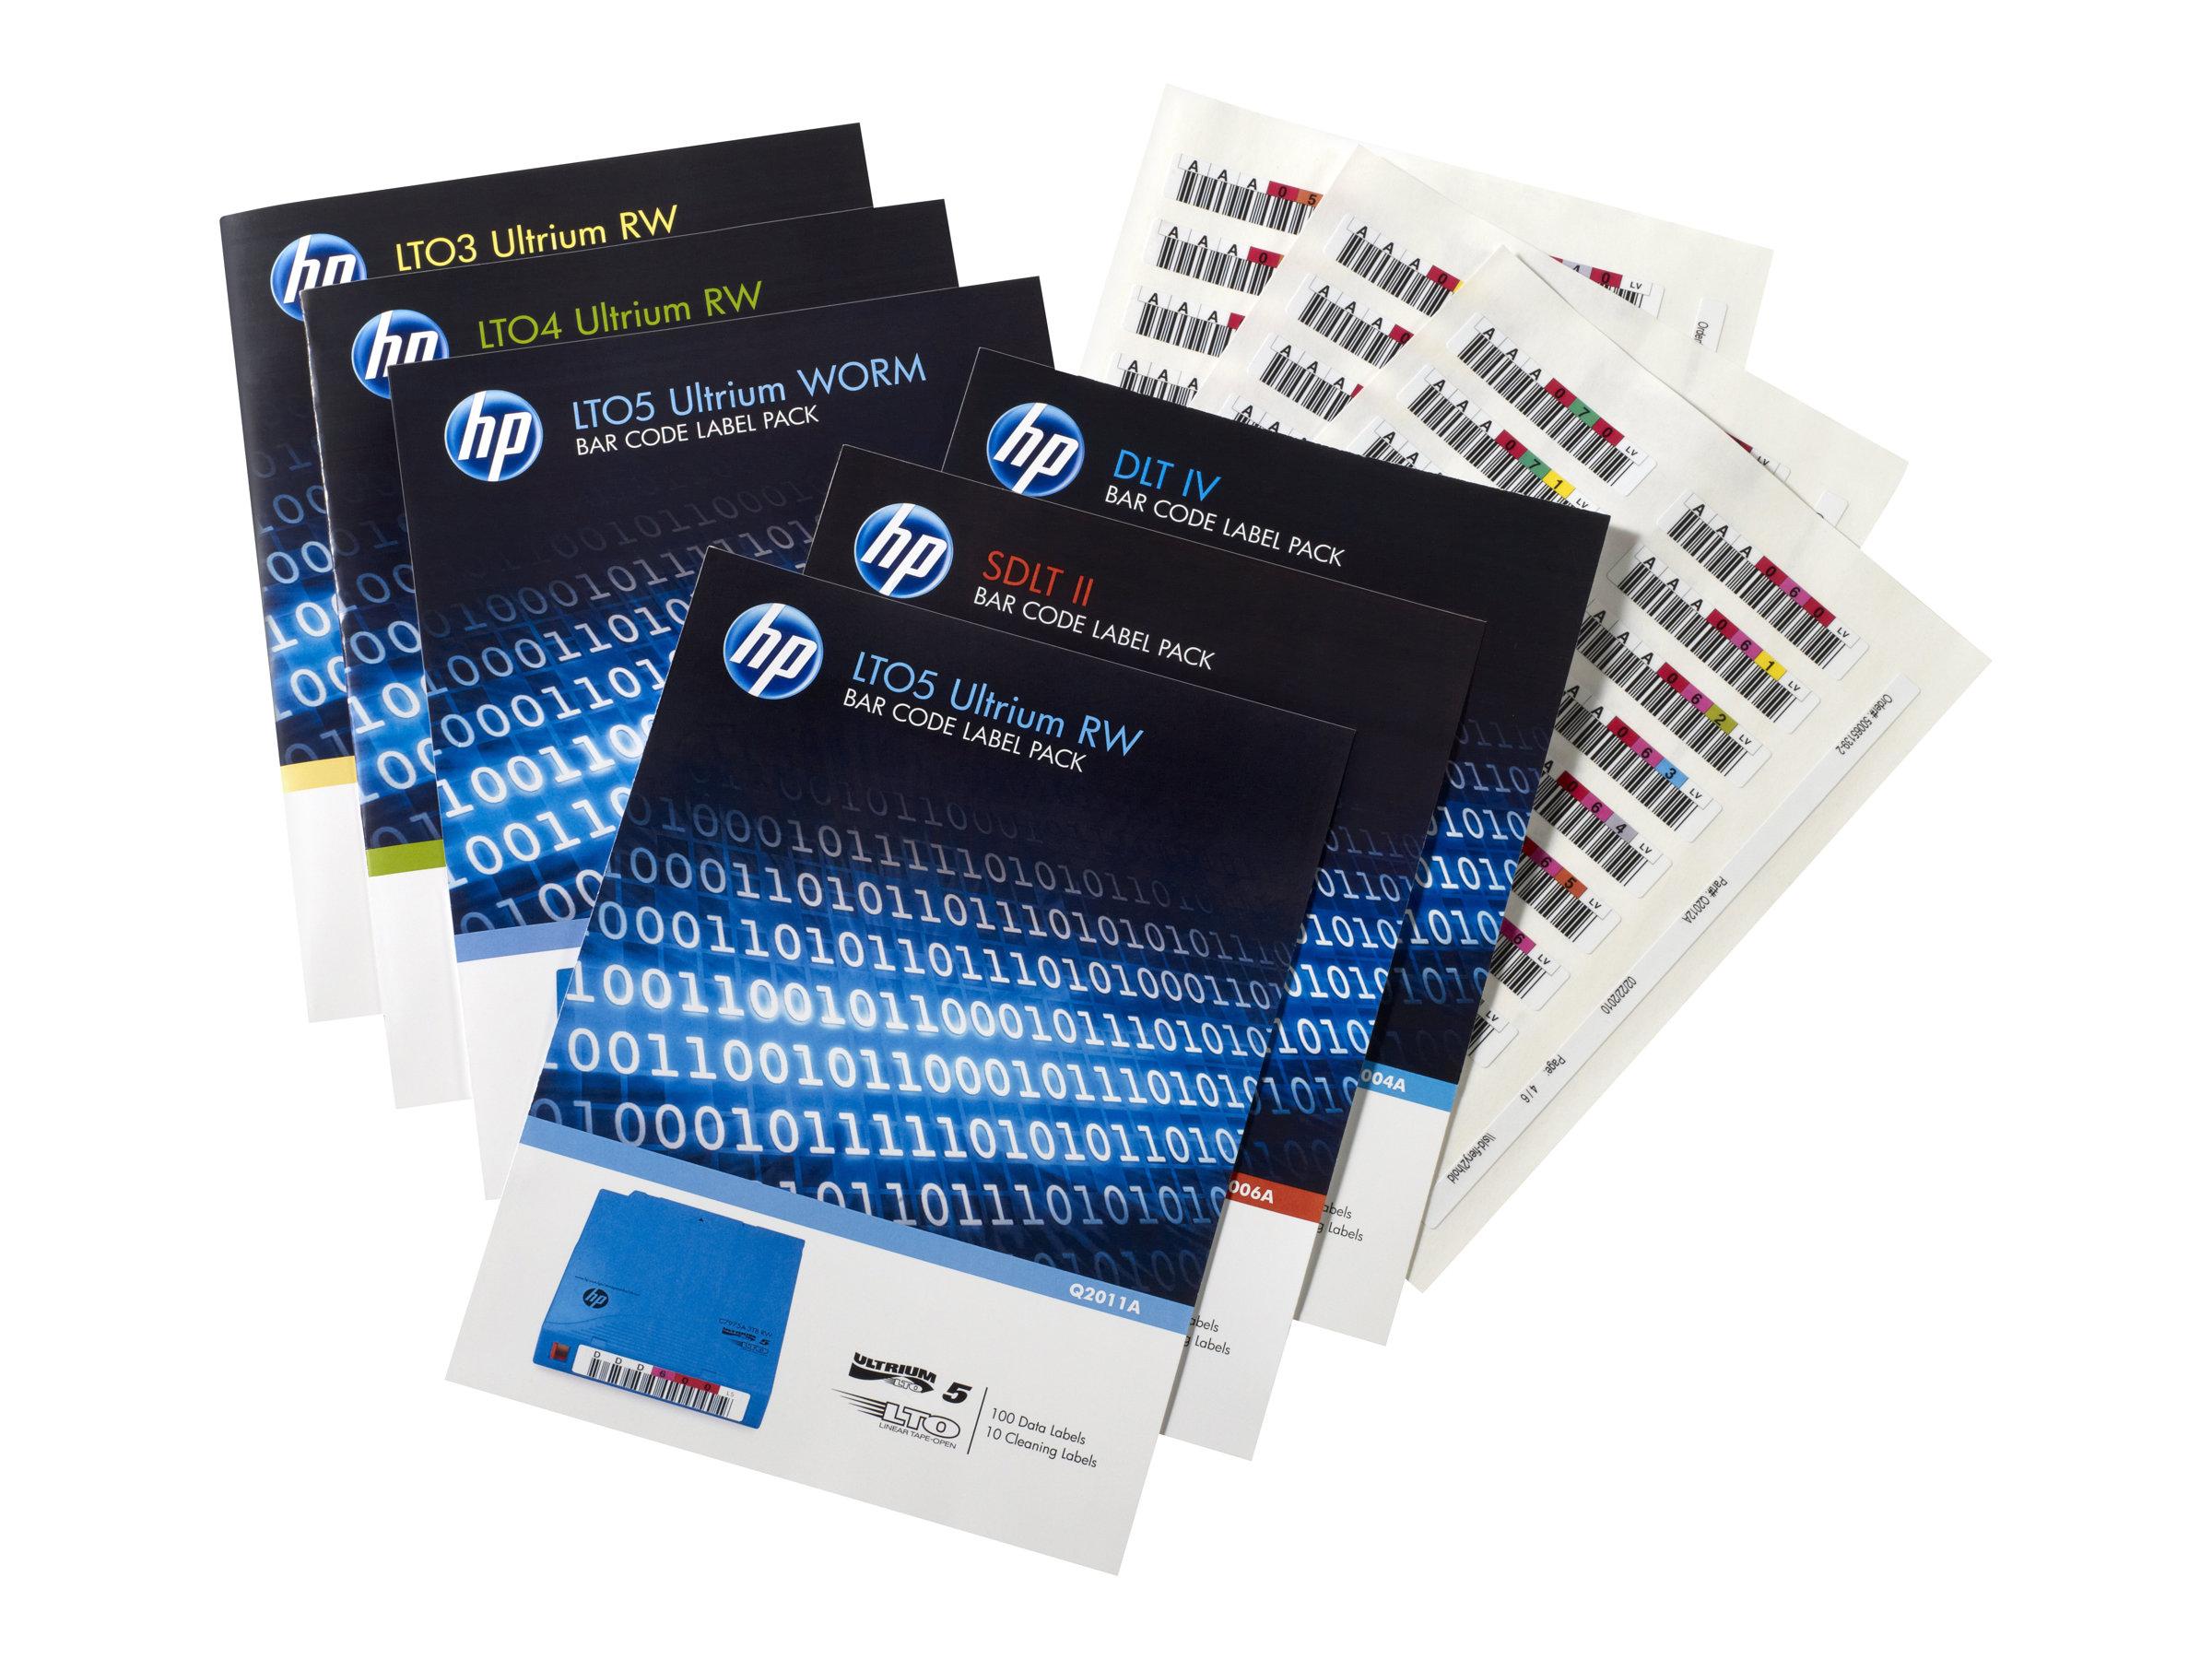 HPE Ultrium 4 RW Bar Code Label Pack - Strichcodeetiketten - für HPE MSL2024, MSL4048; 1/8 G2 Tape Autoloader; LTO-4 Ultrium; St